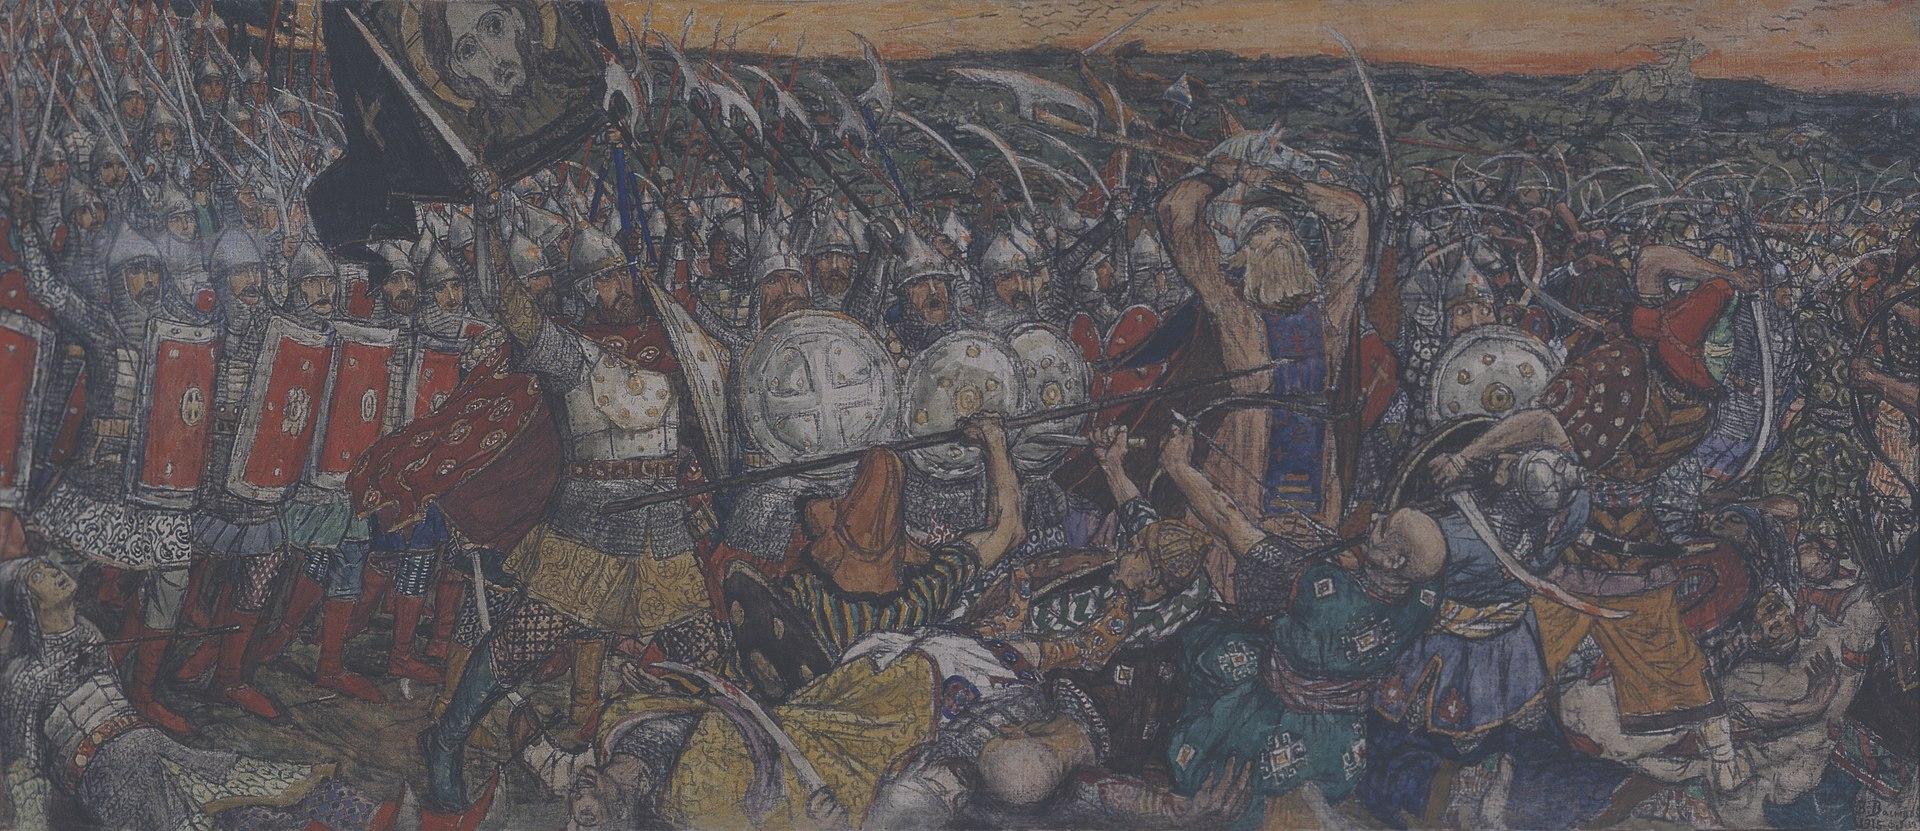 Kulikovo pole by V.Vasnetsov (1915, muzei religii).jpg